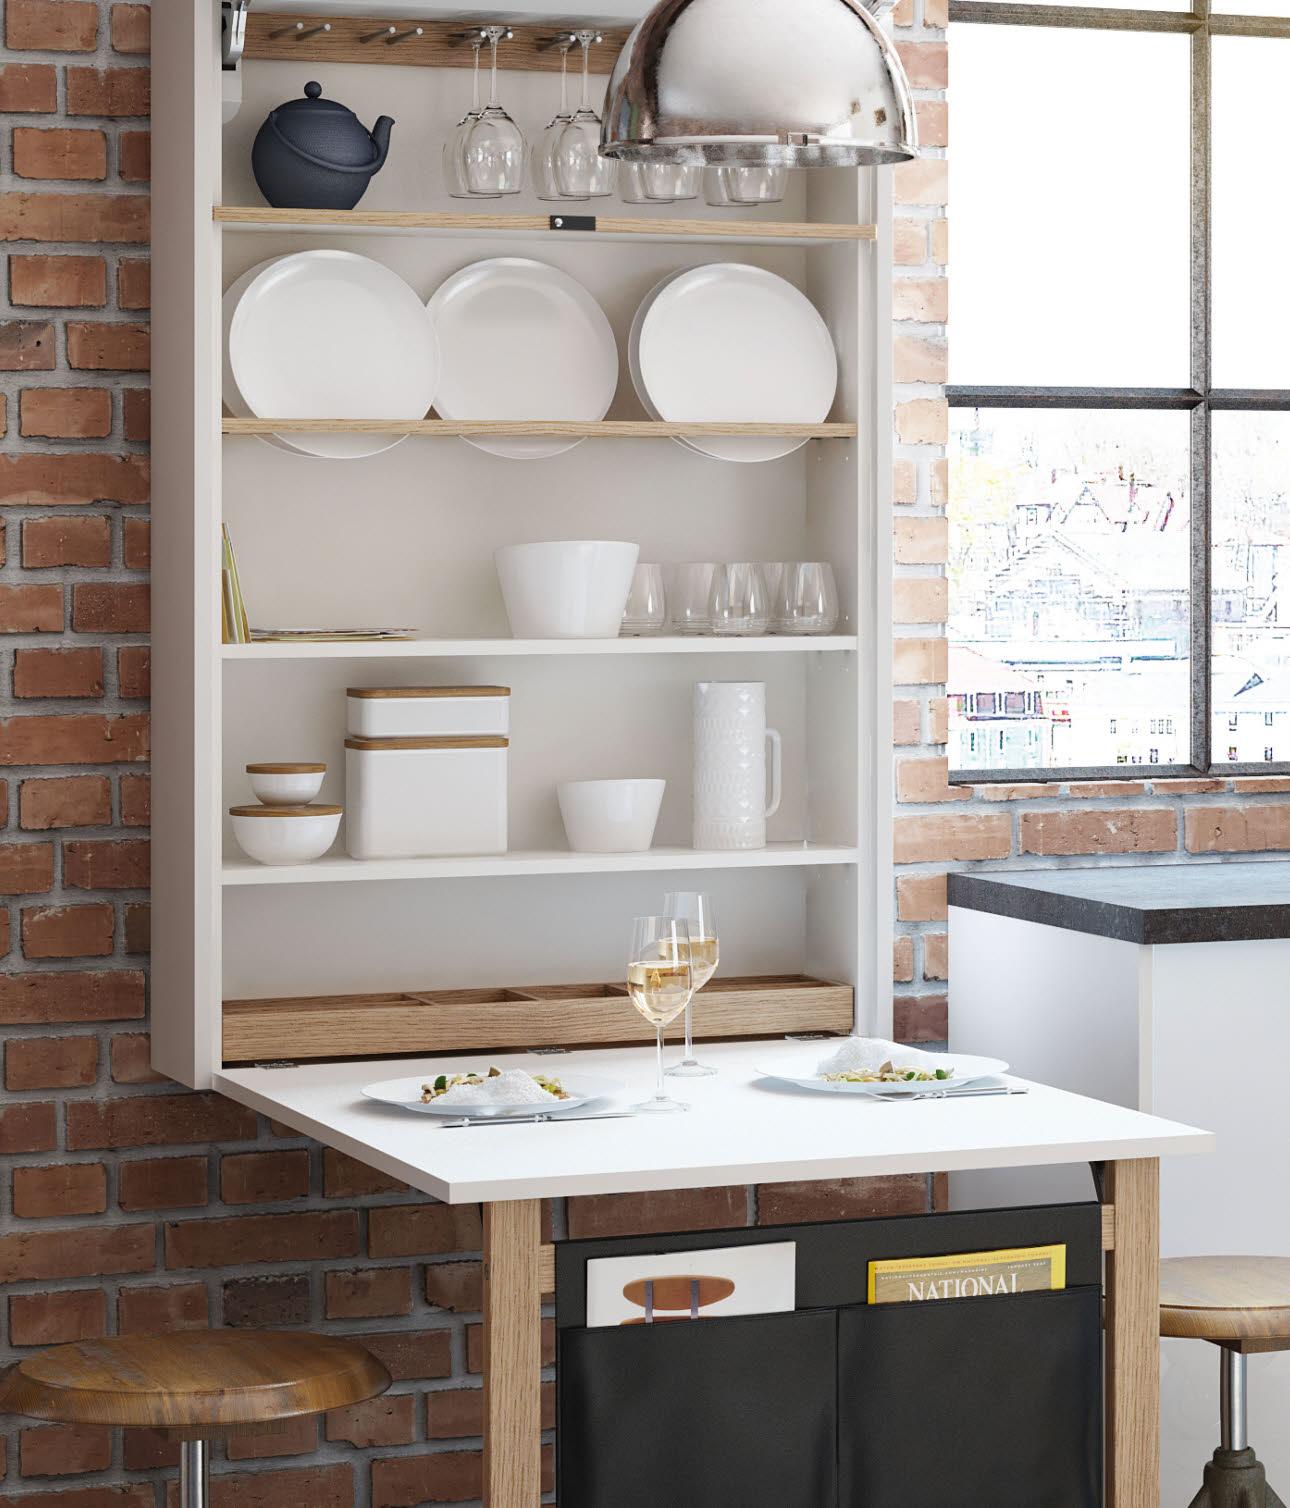 Klapptisch Für Die Küche.Ewe Raumwunder Klapptisch Komfortlösung